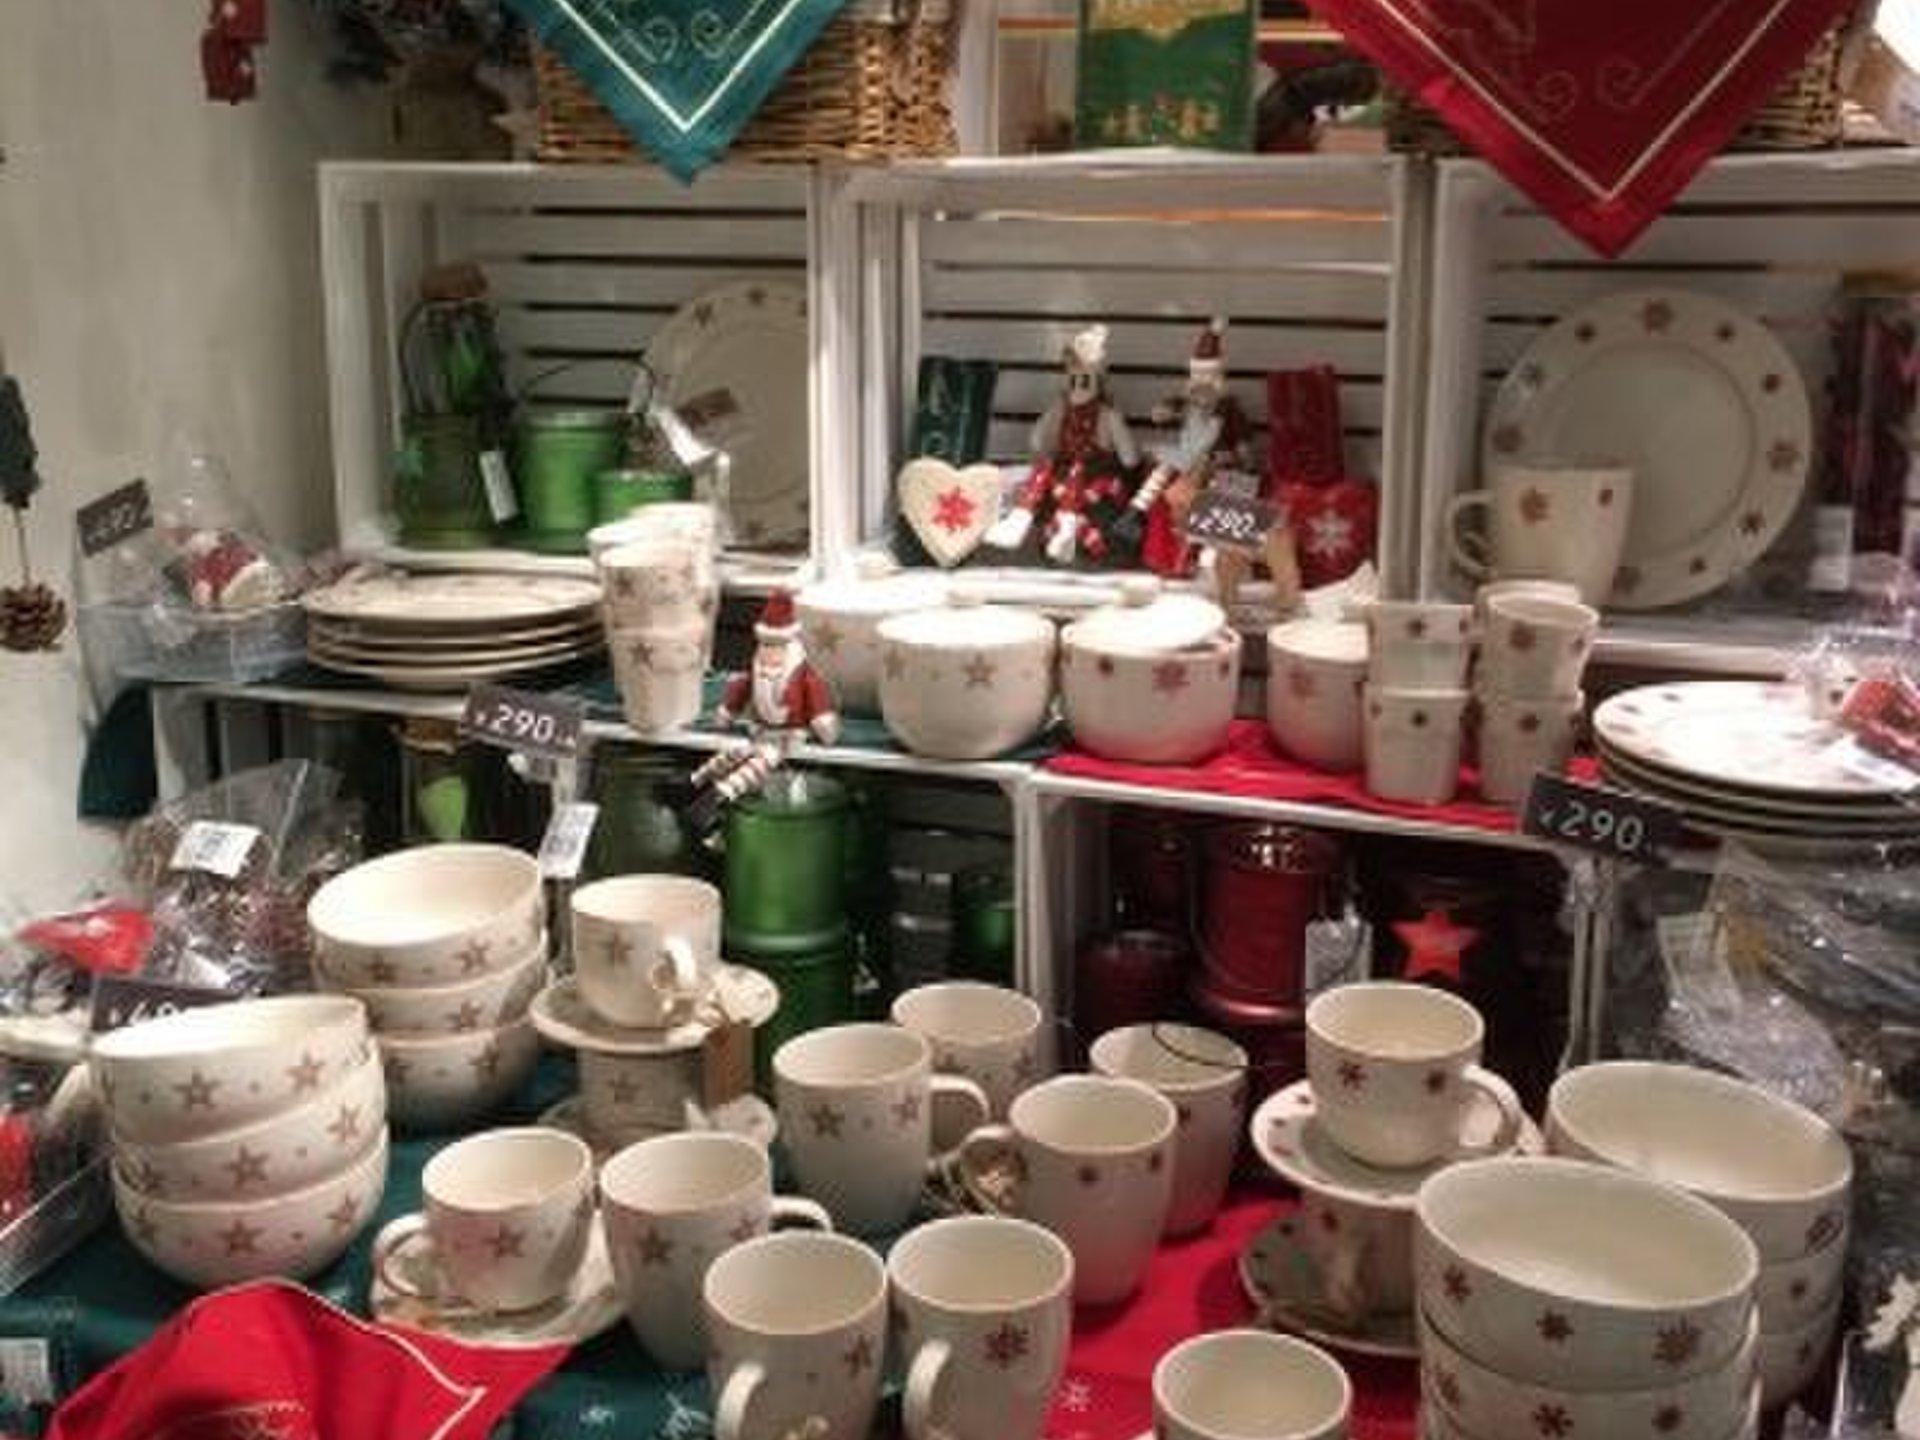 お家でクリスマスパーティーをする方必見!可愛いクリスマス雑貨が揃うおすすめショップ特集!